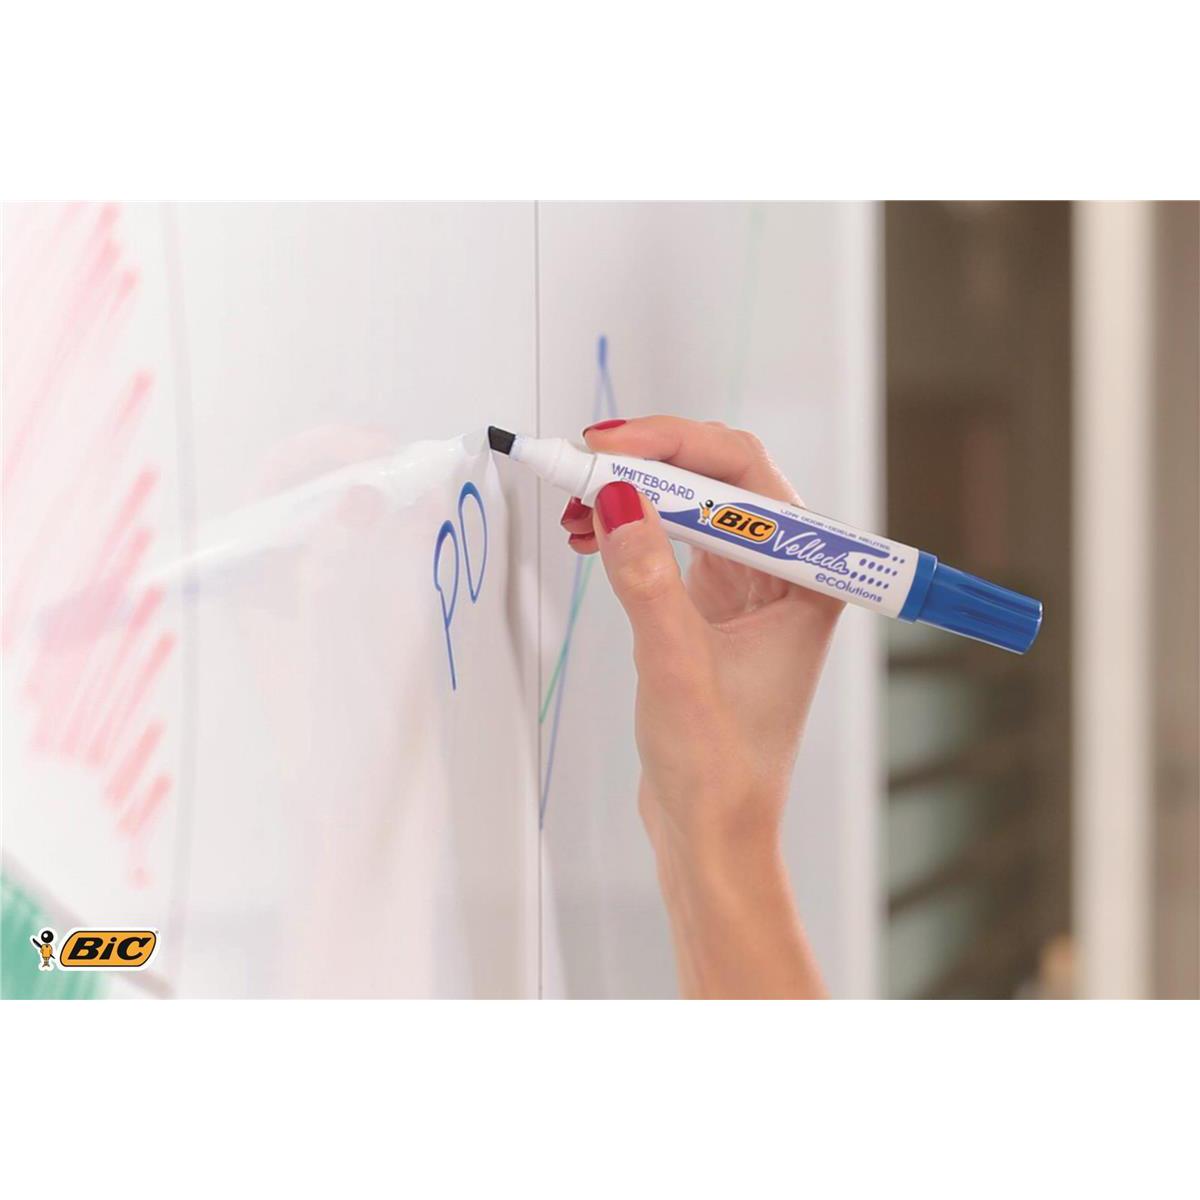 Bic Velleda Marker W/bd Dry-wipe 1751 Large Chisel Tip 3.7-5.5mm Line Width Black Ref 904946 Pack 12